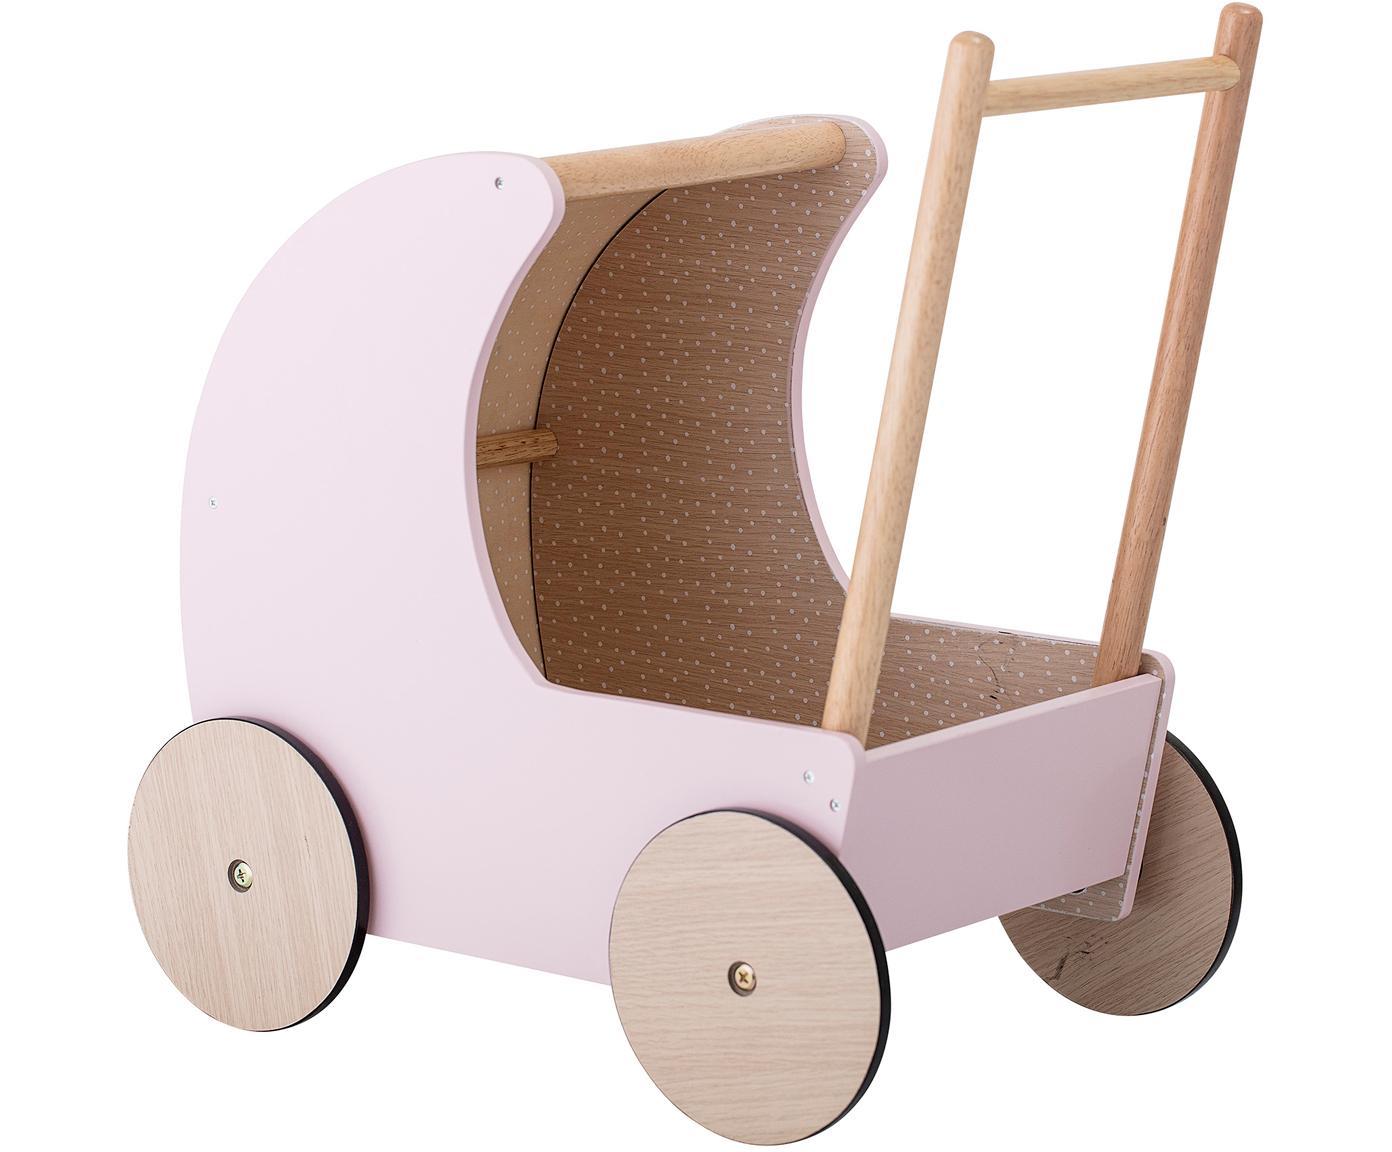 Puppenwagen Walk, Mitteldichte Holzfaserplatte, Gummibaumholz, Rosa, Beige, 25 x 40 cm